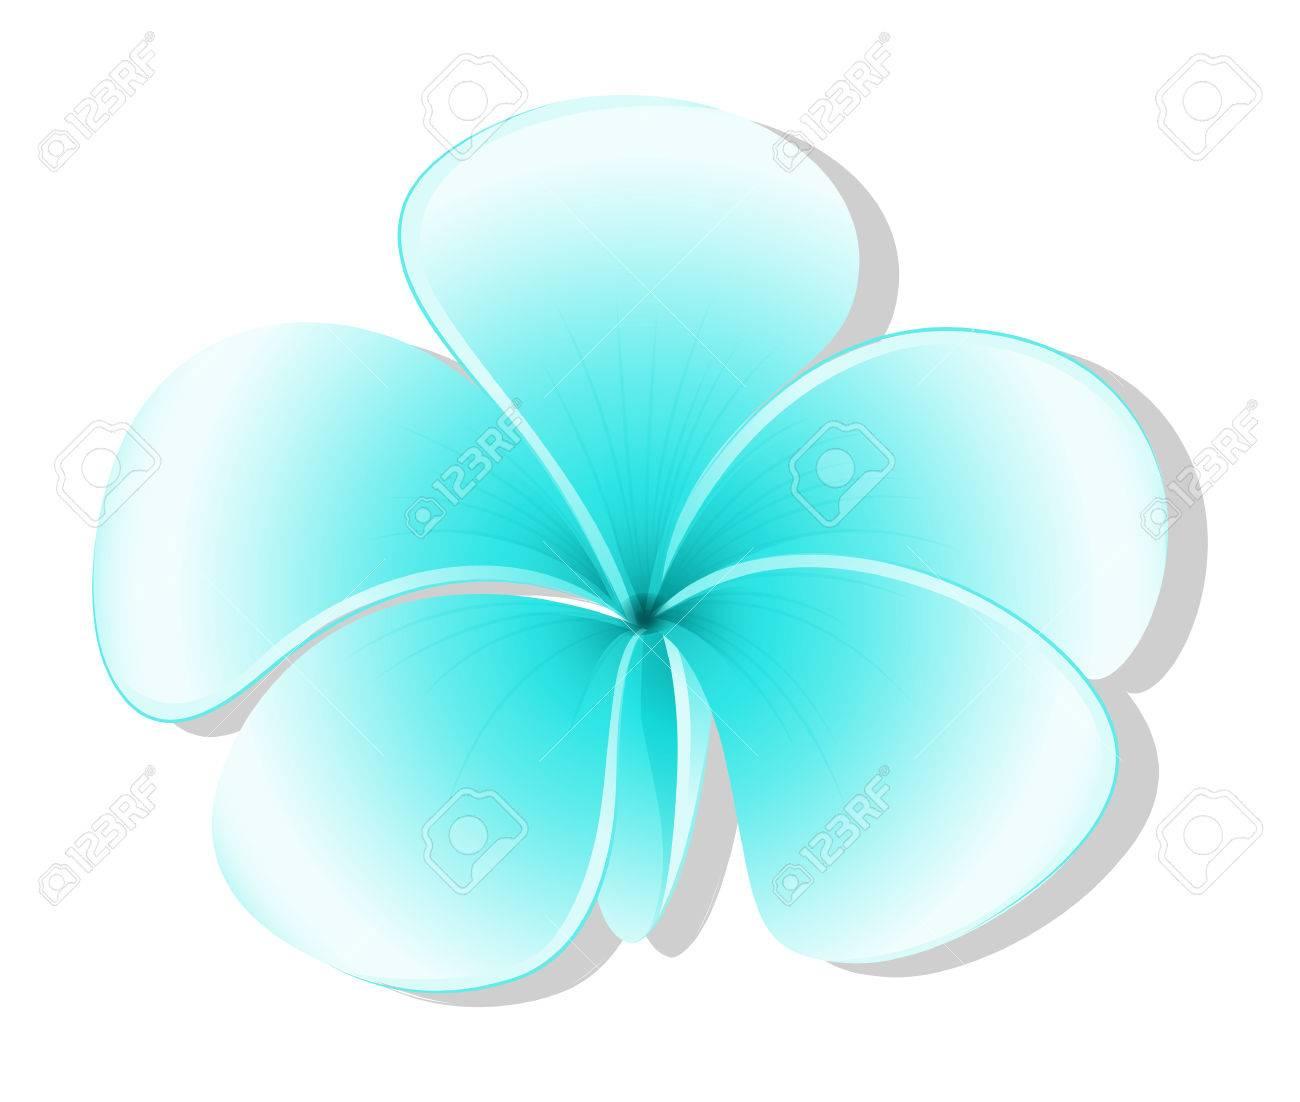 Illustration Of A Light Blue Flower On White Background Stock Vector